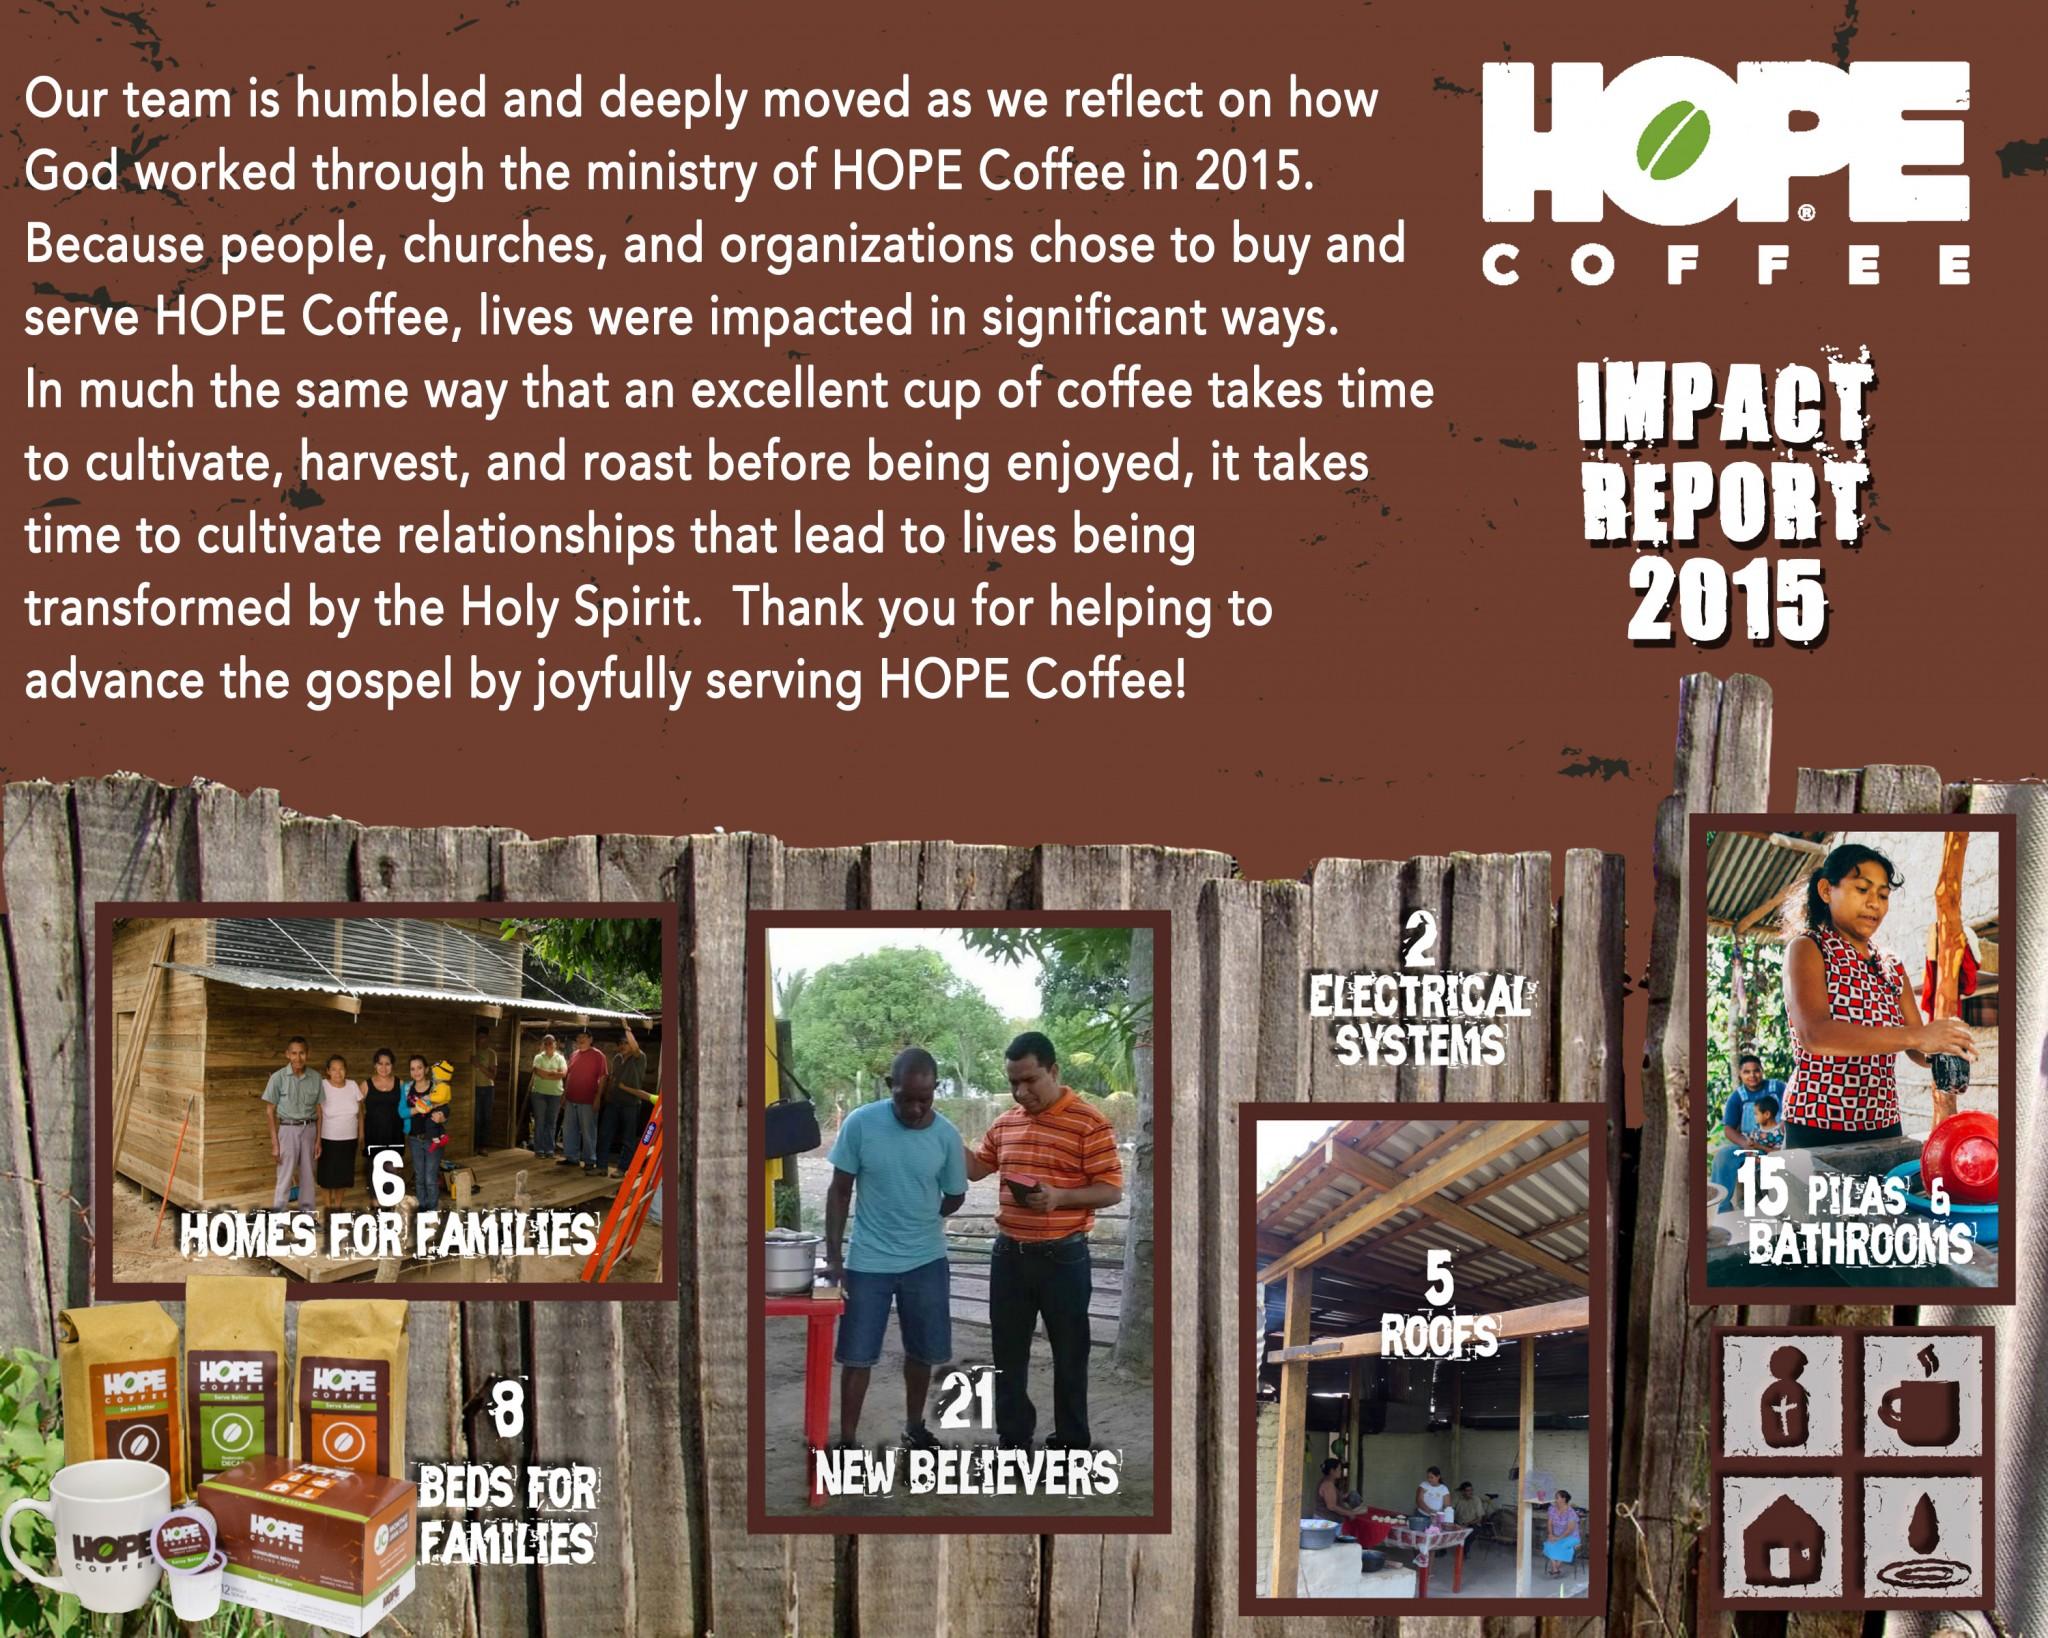 Social Media HOPE IMPACT REPORT 2015